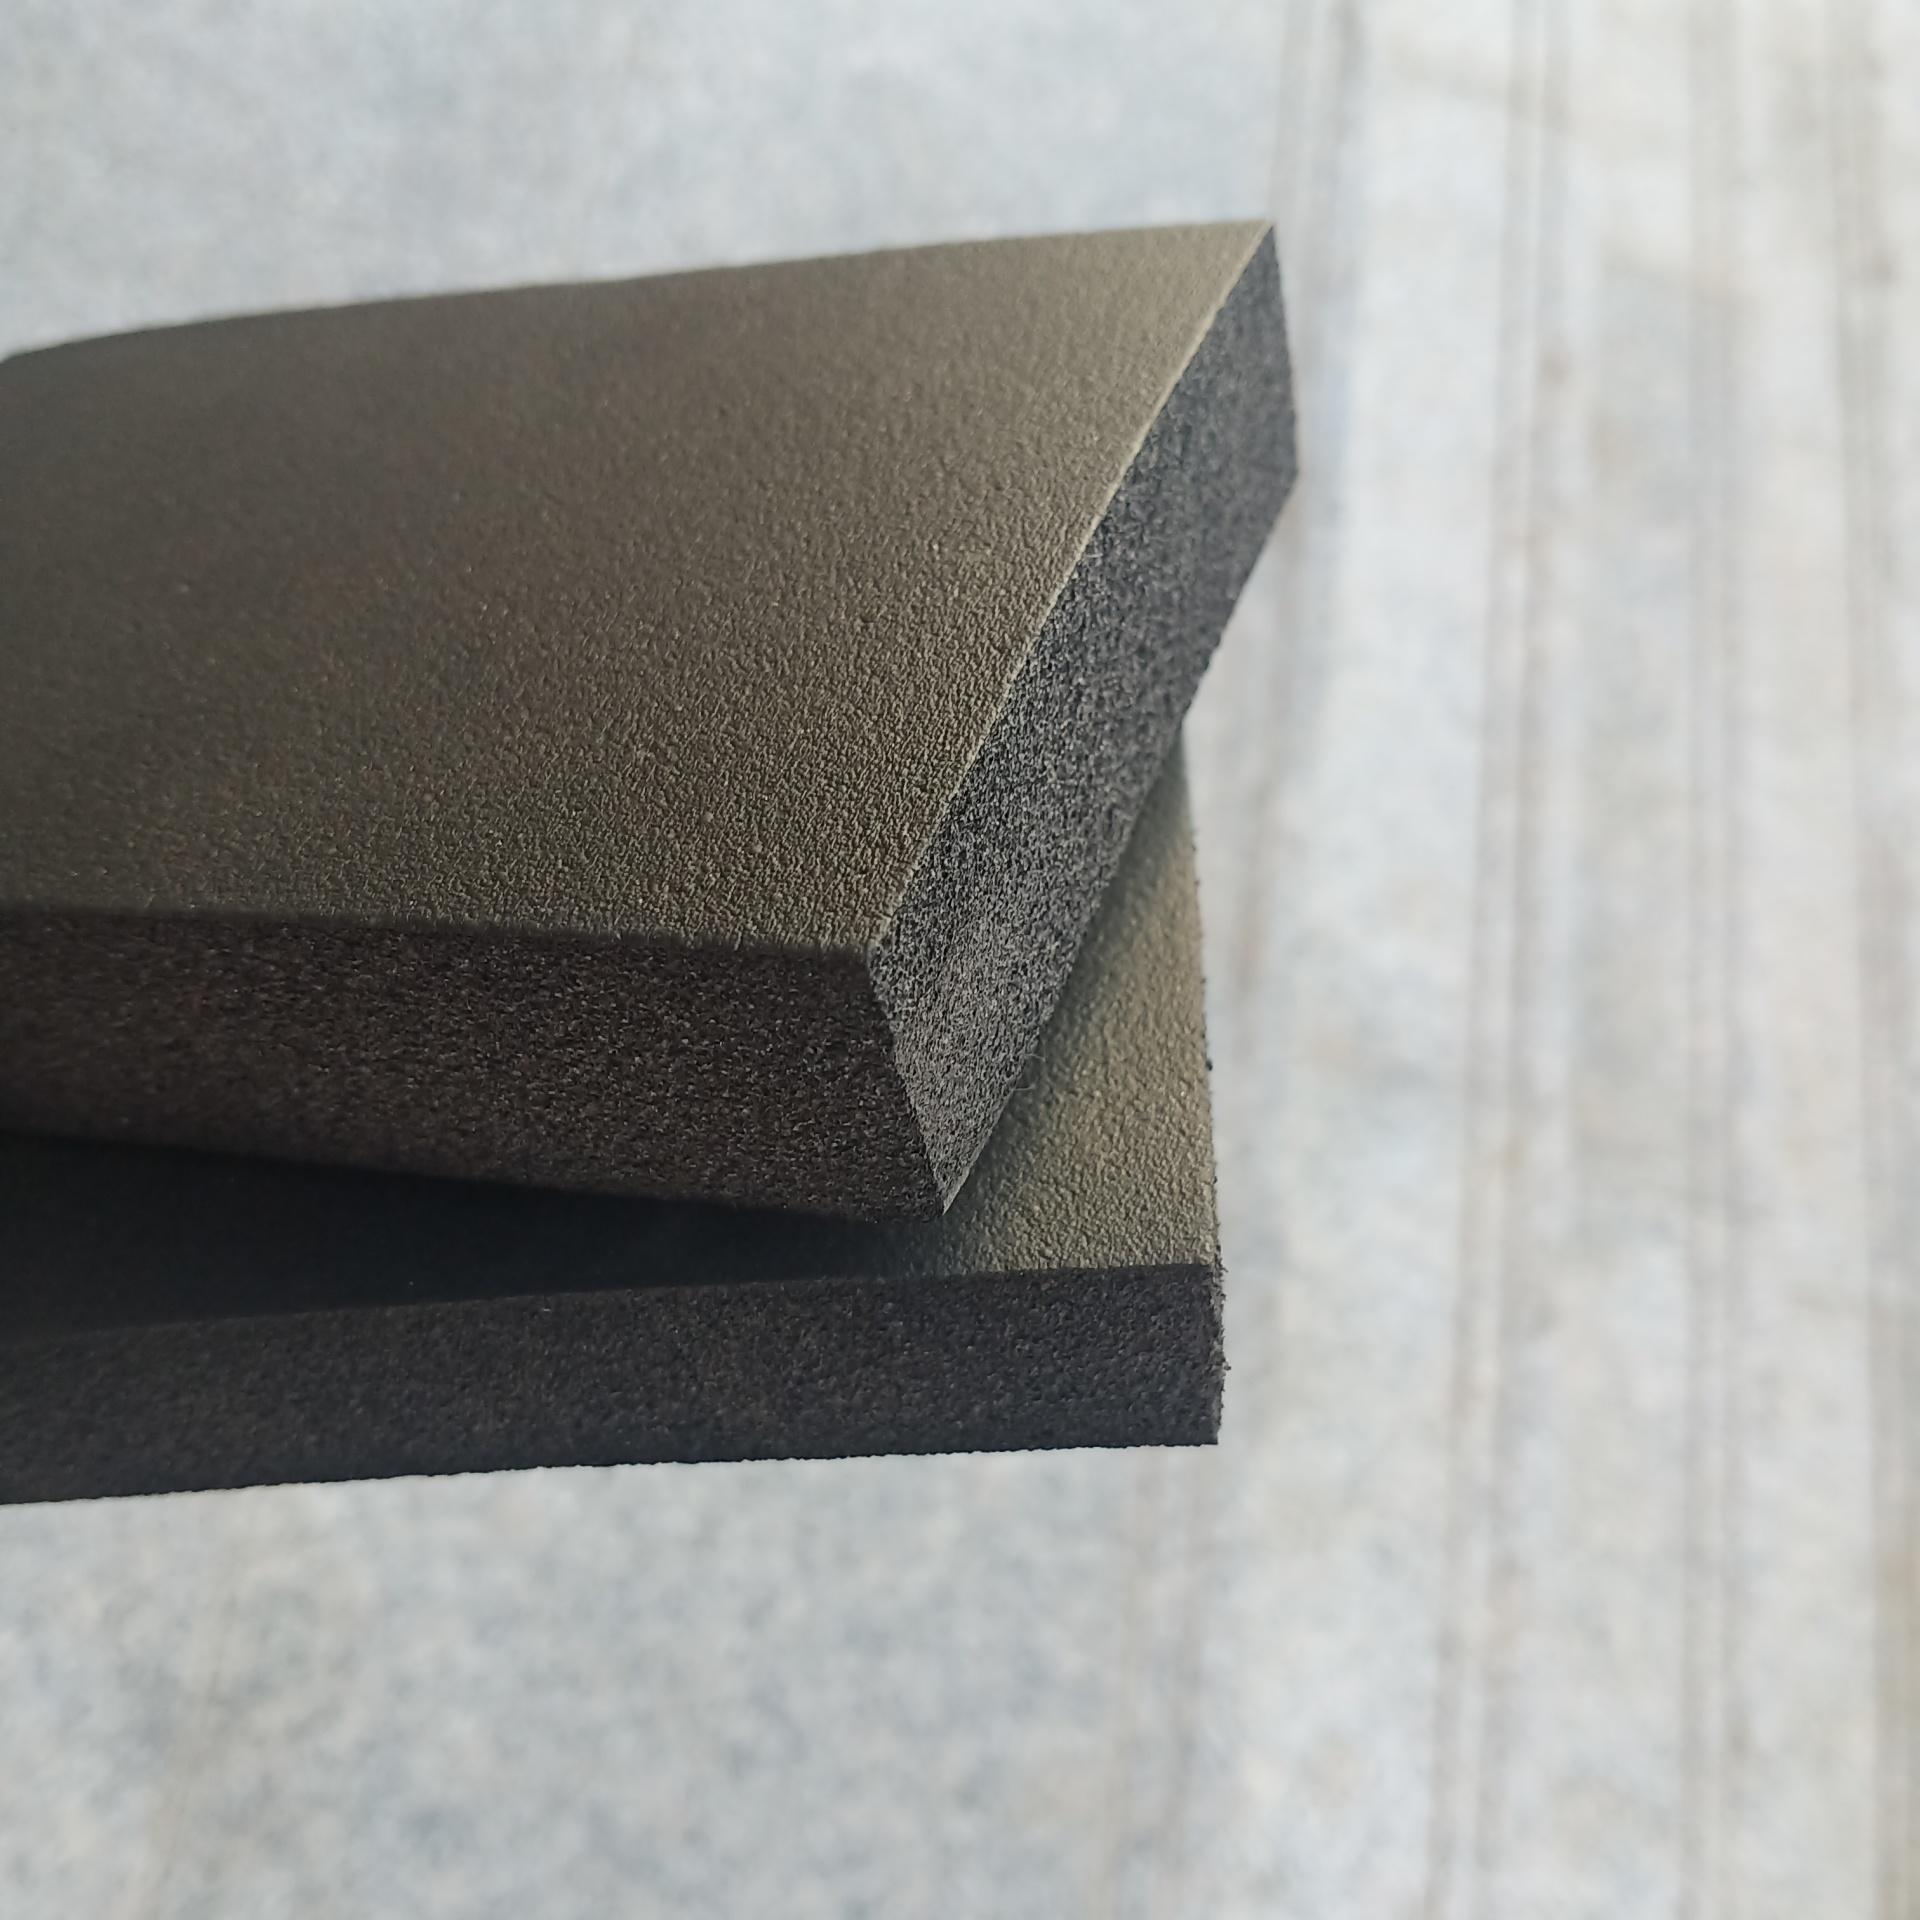 天寧保溫材料 橡塑板 橡塑板價格 橡塑海綿板 B1級橡塑板 各種型號質優價美